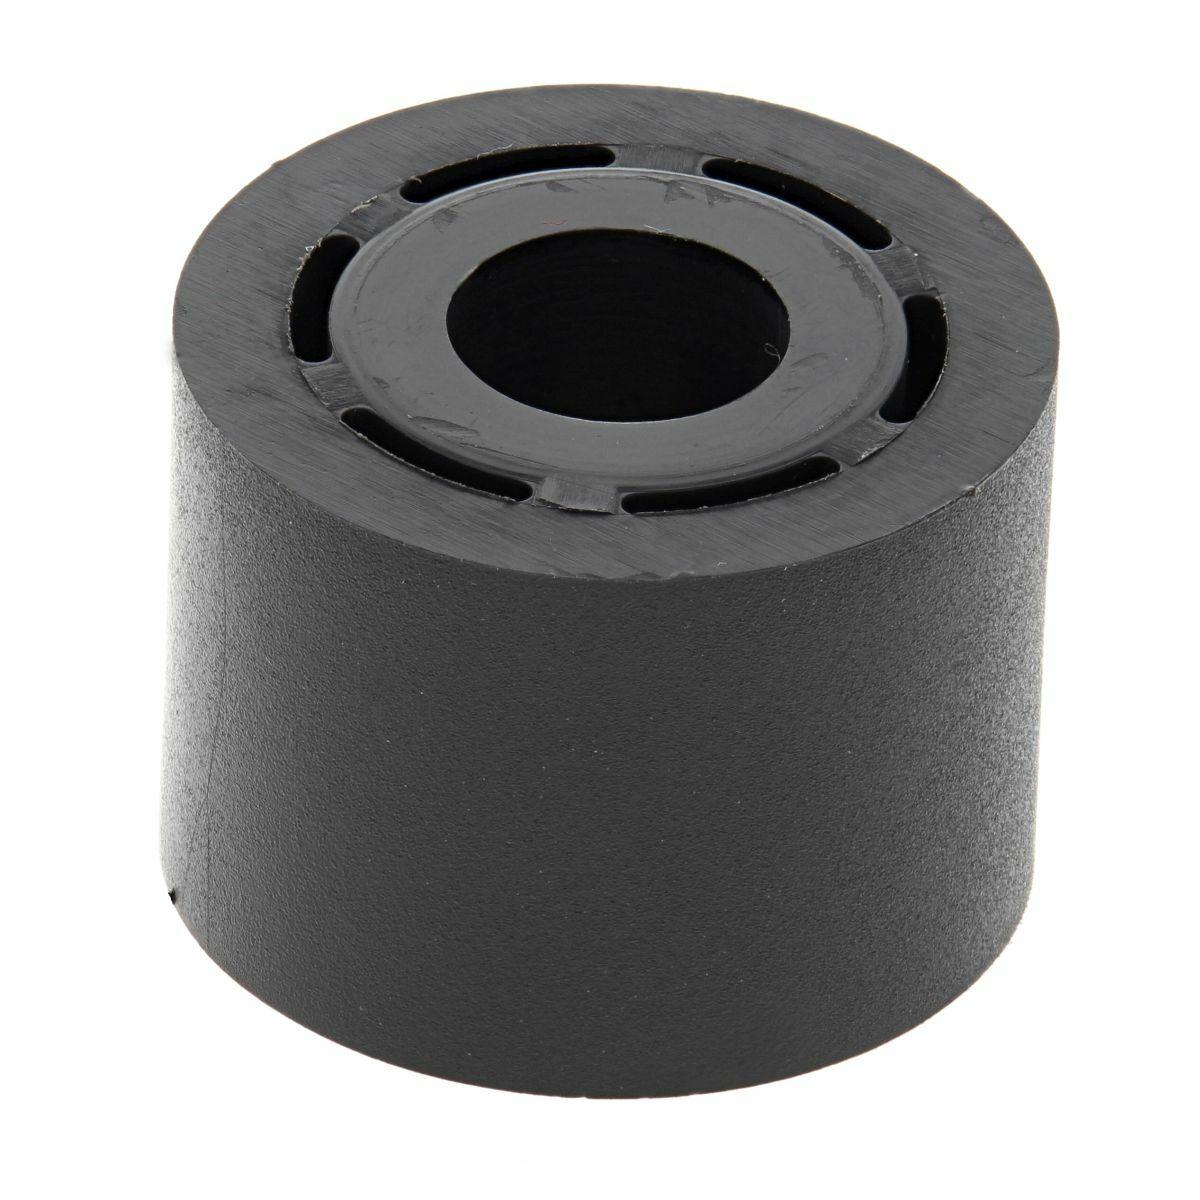 Obrázek produktu Kladka řetezu All Balls Racing 34-24mm černá 79-5009